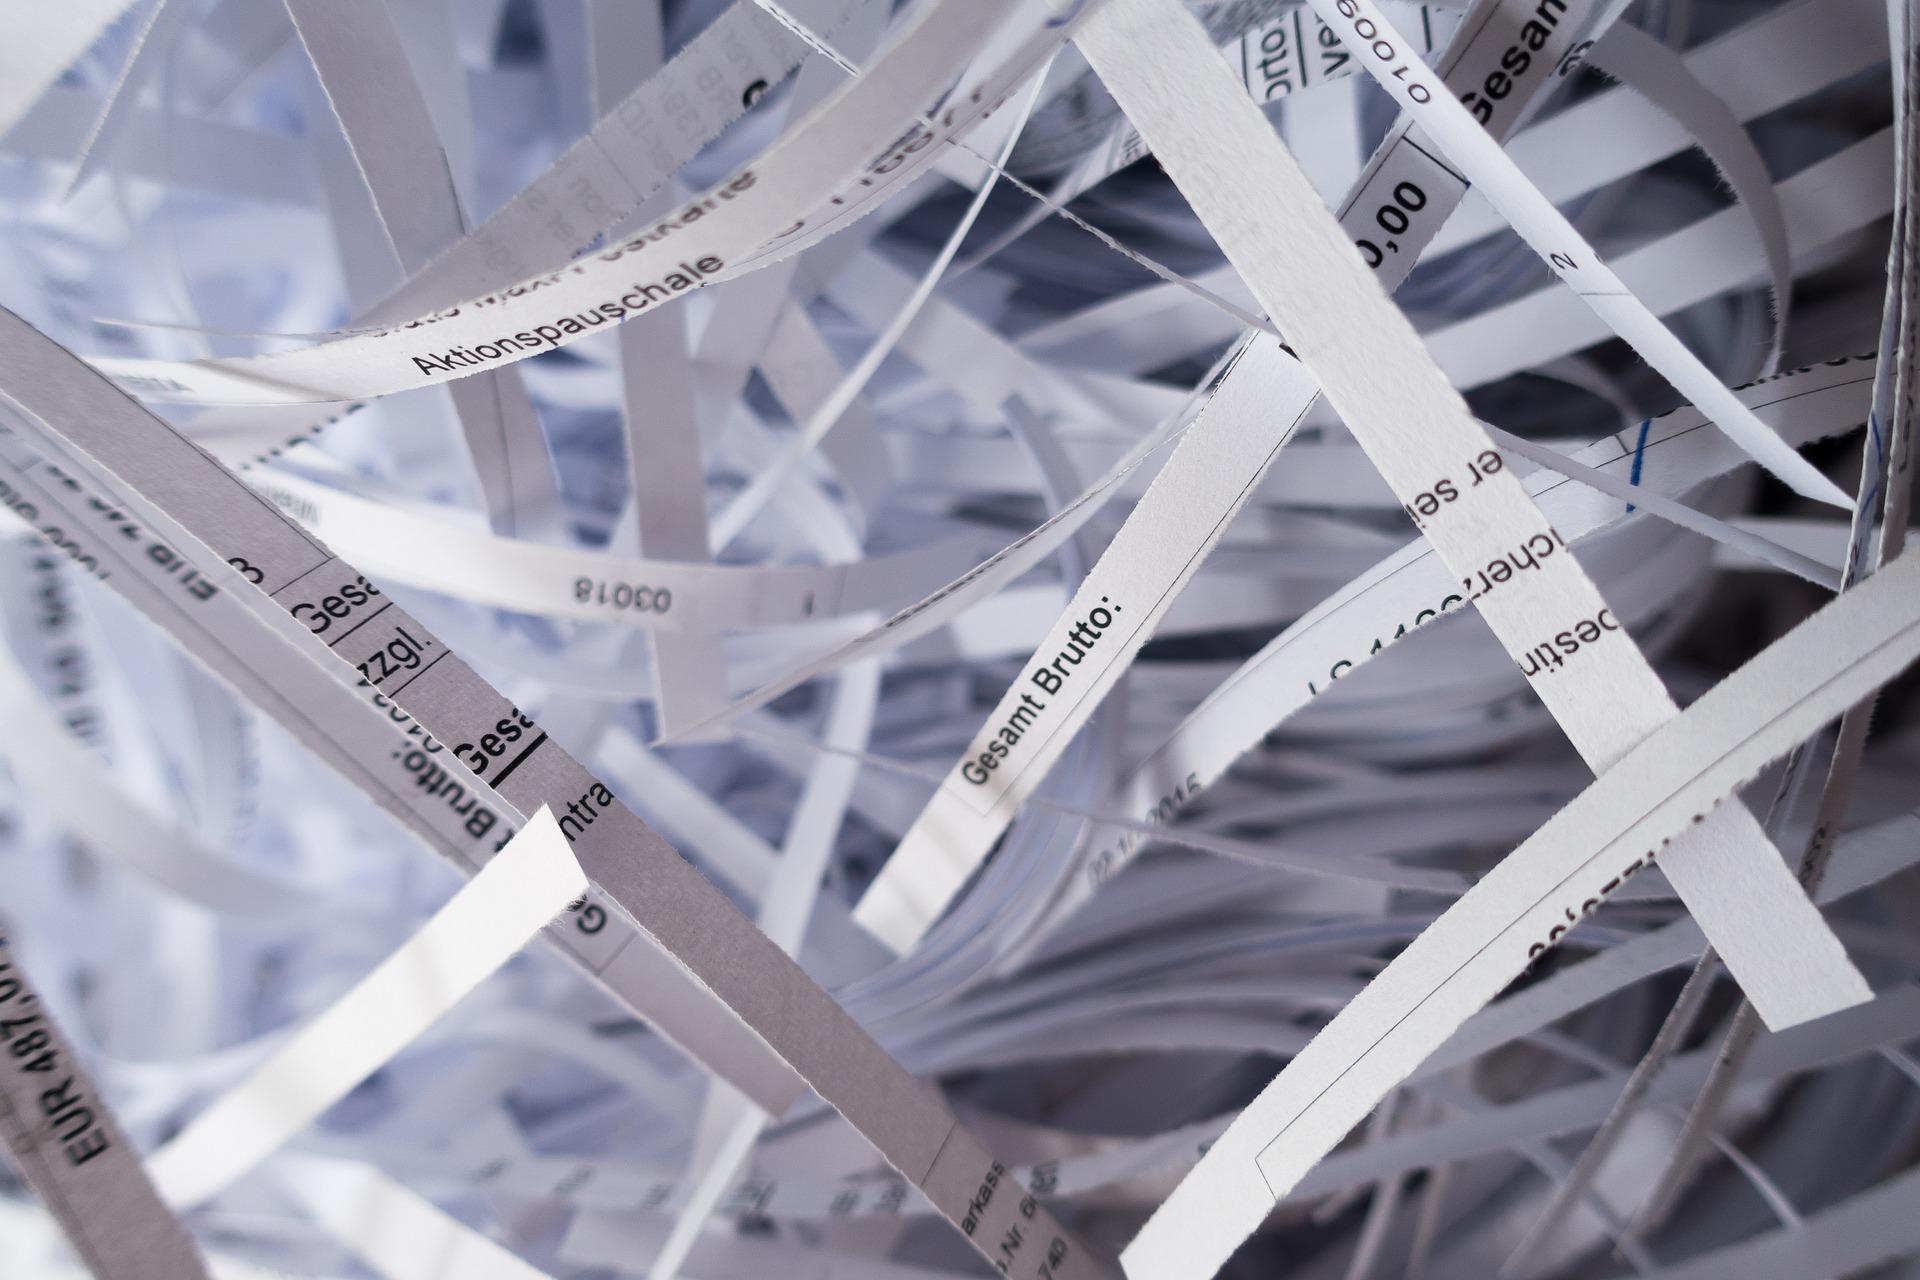 shredder-1014204_1920.jpg